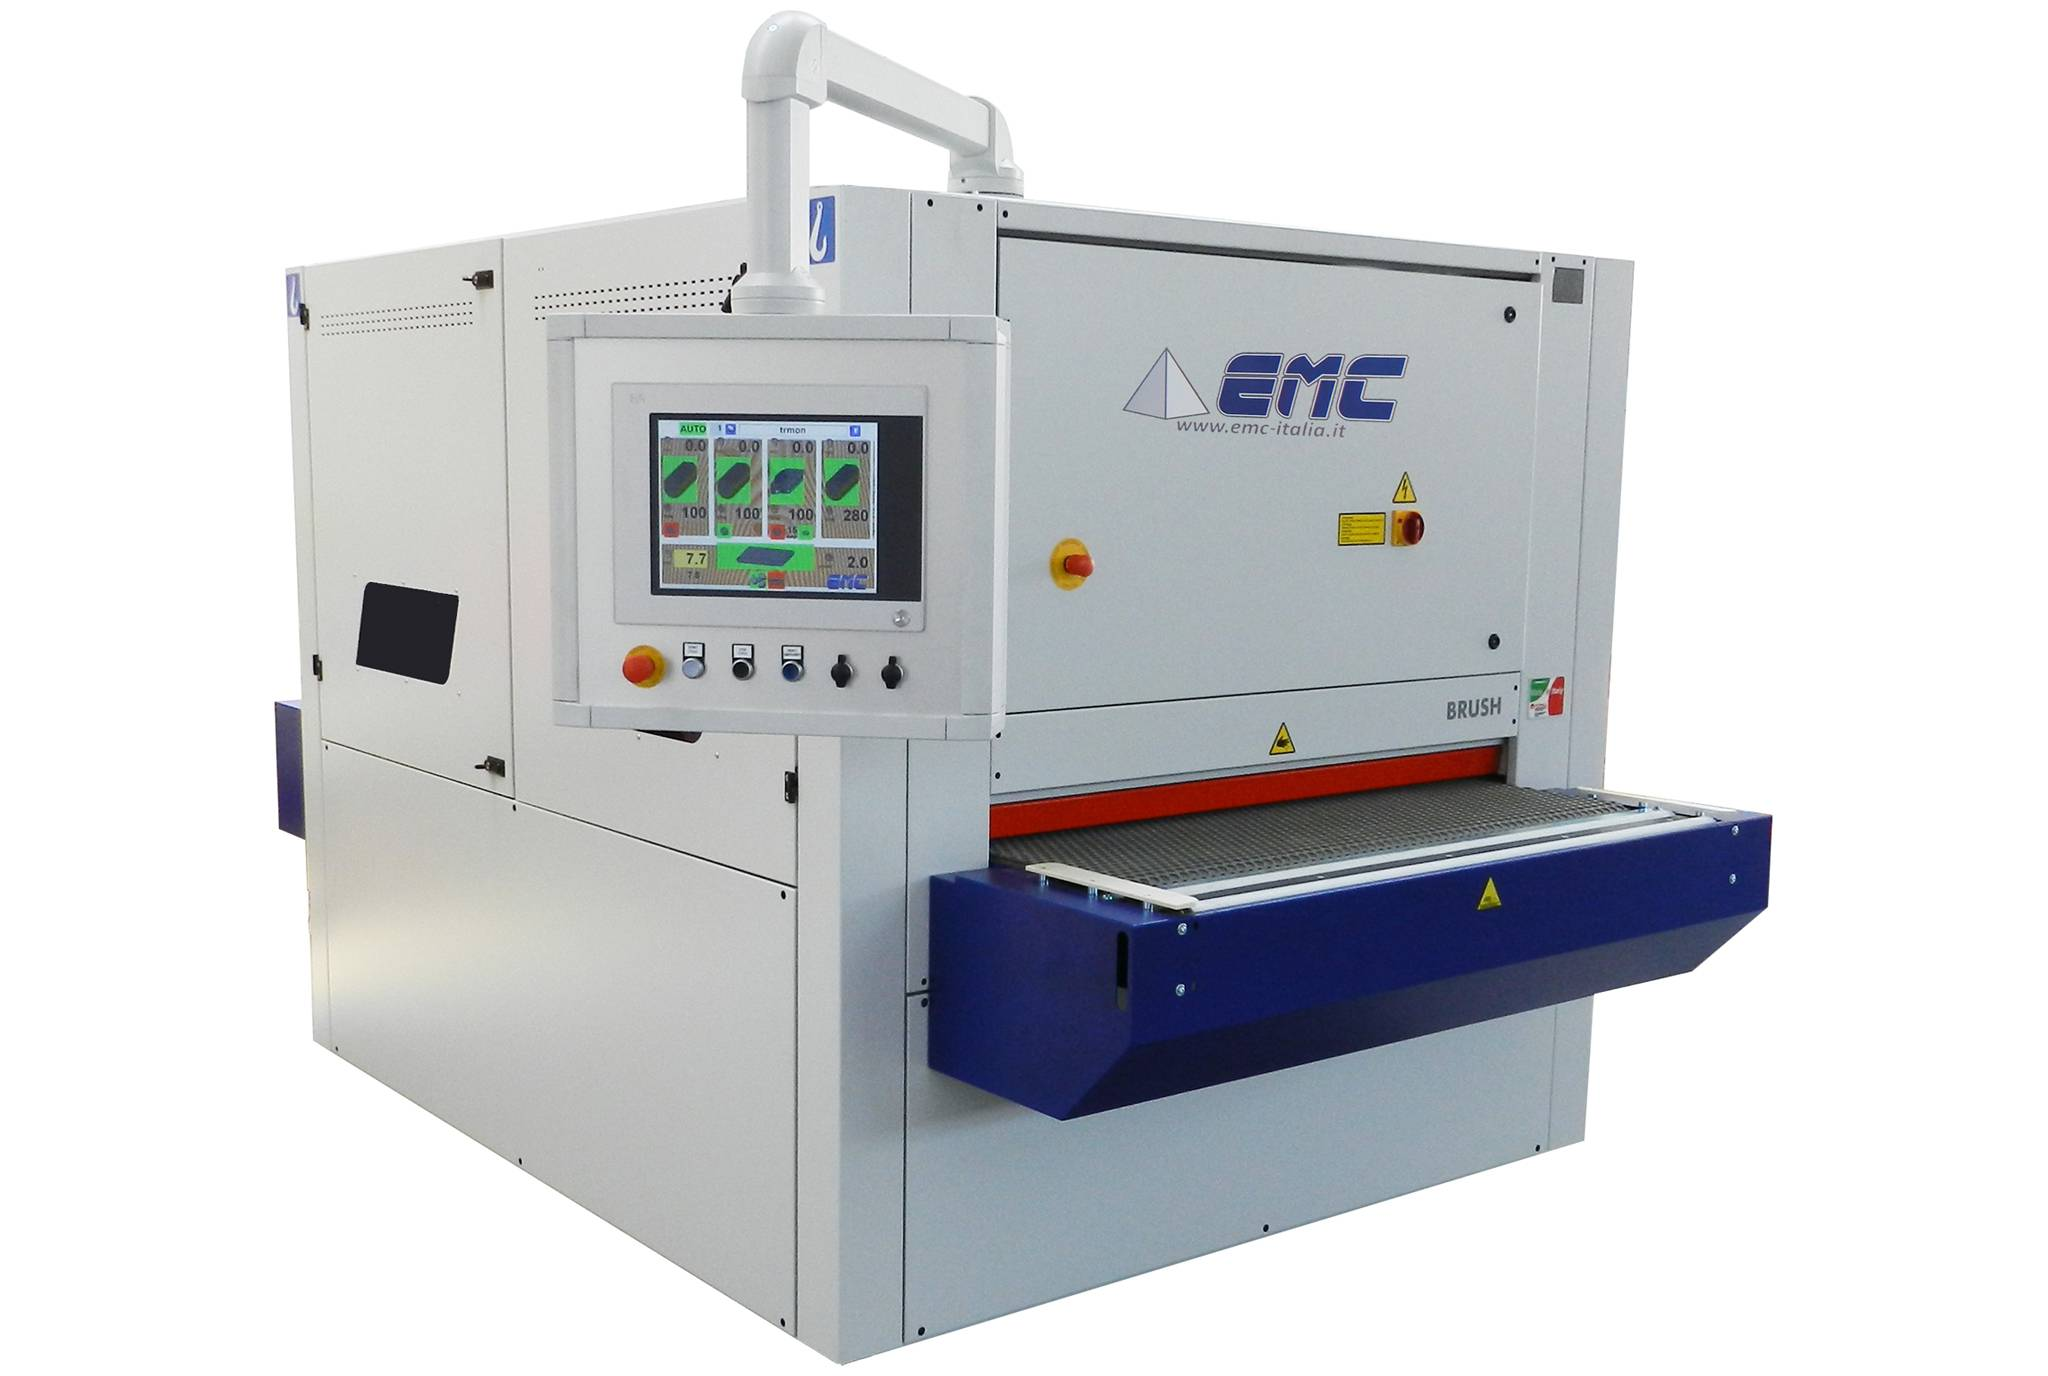 EMC | Finebrush 1350